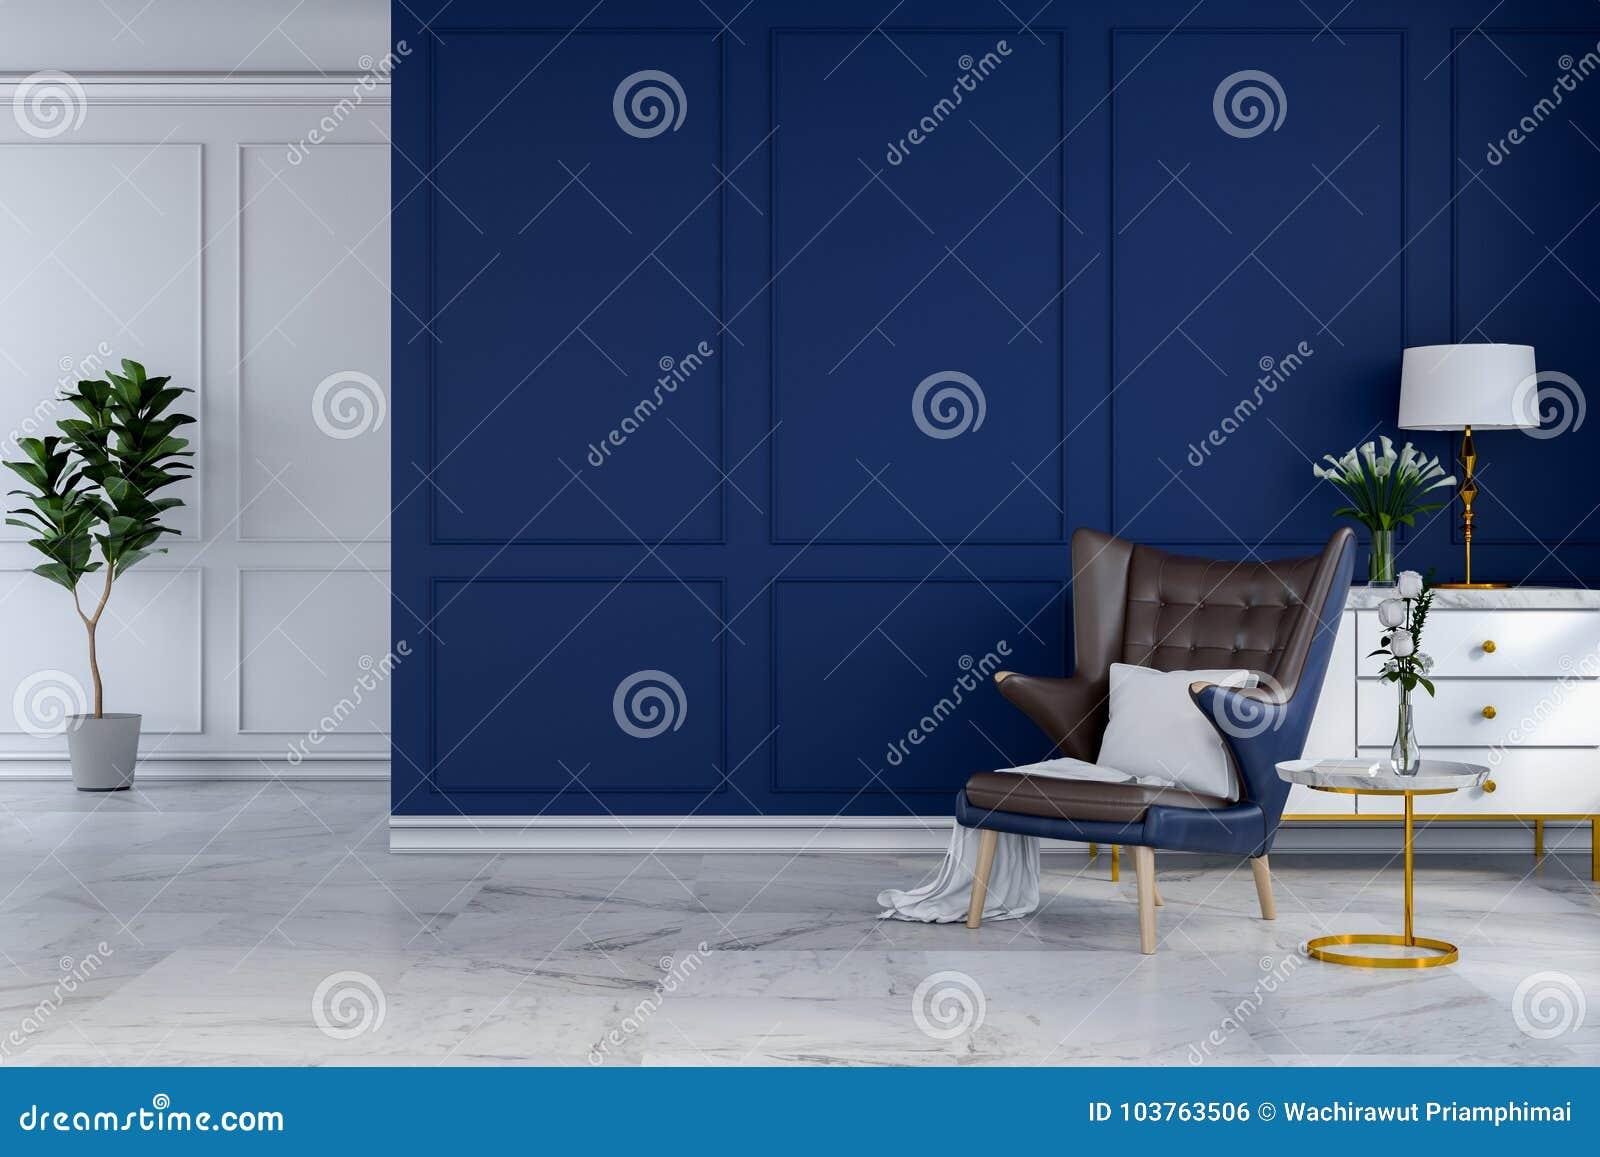 Εσωτερικό σχέδιο δωματίων πολυτέλειας το σύγχρονο, η μπλε καρέκλα σαλονιών με τον άσπρο λαμπτήρα και ο άσπρος μπουφές στον μπλε τ